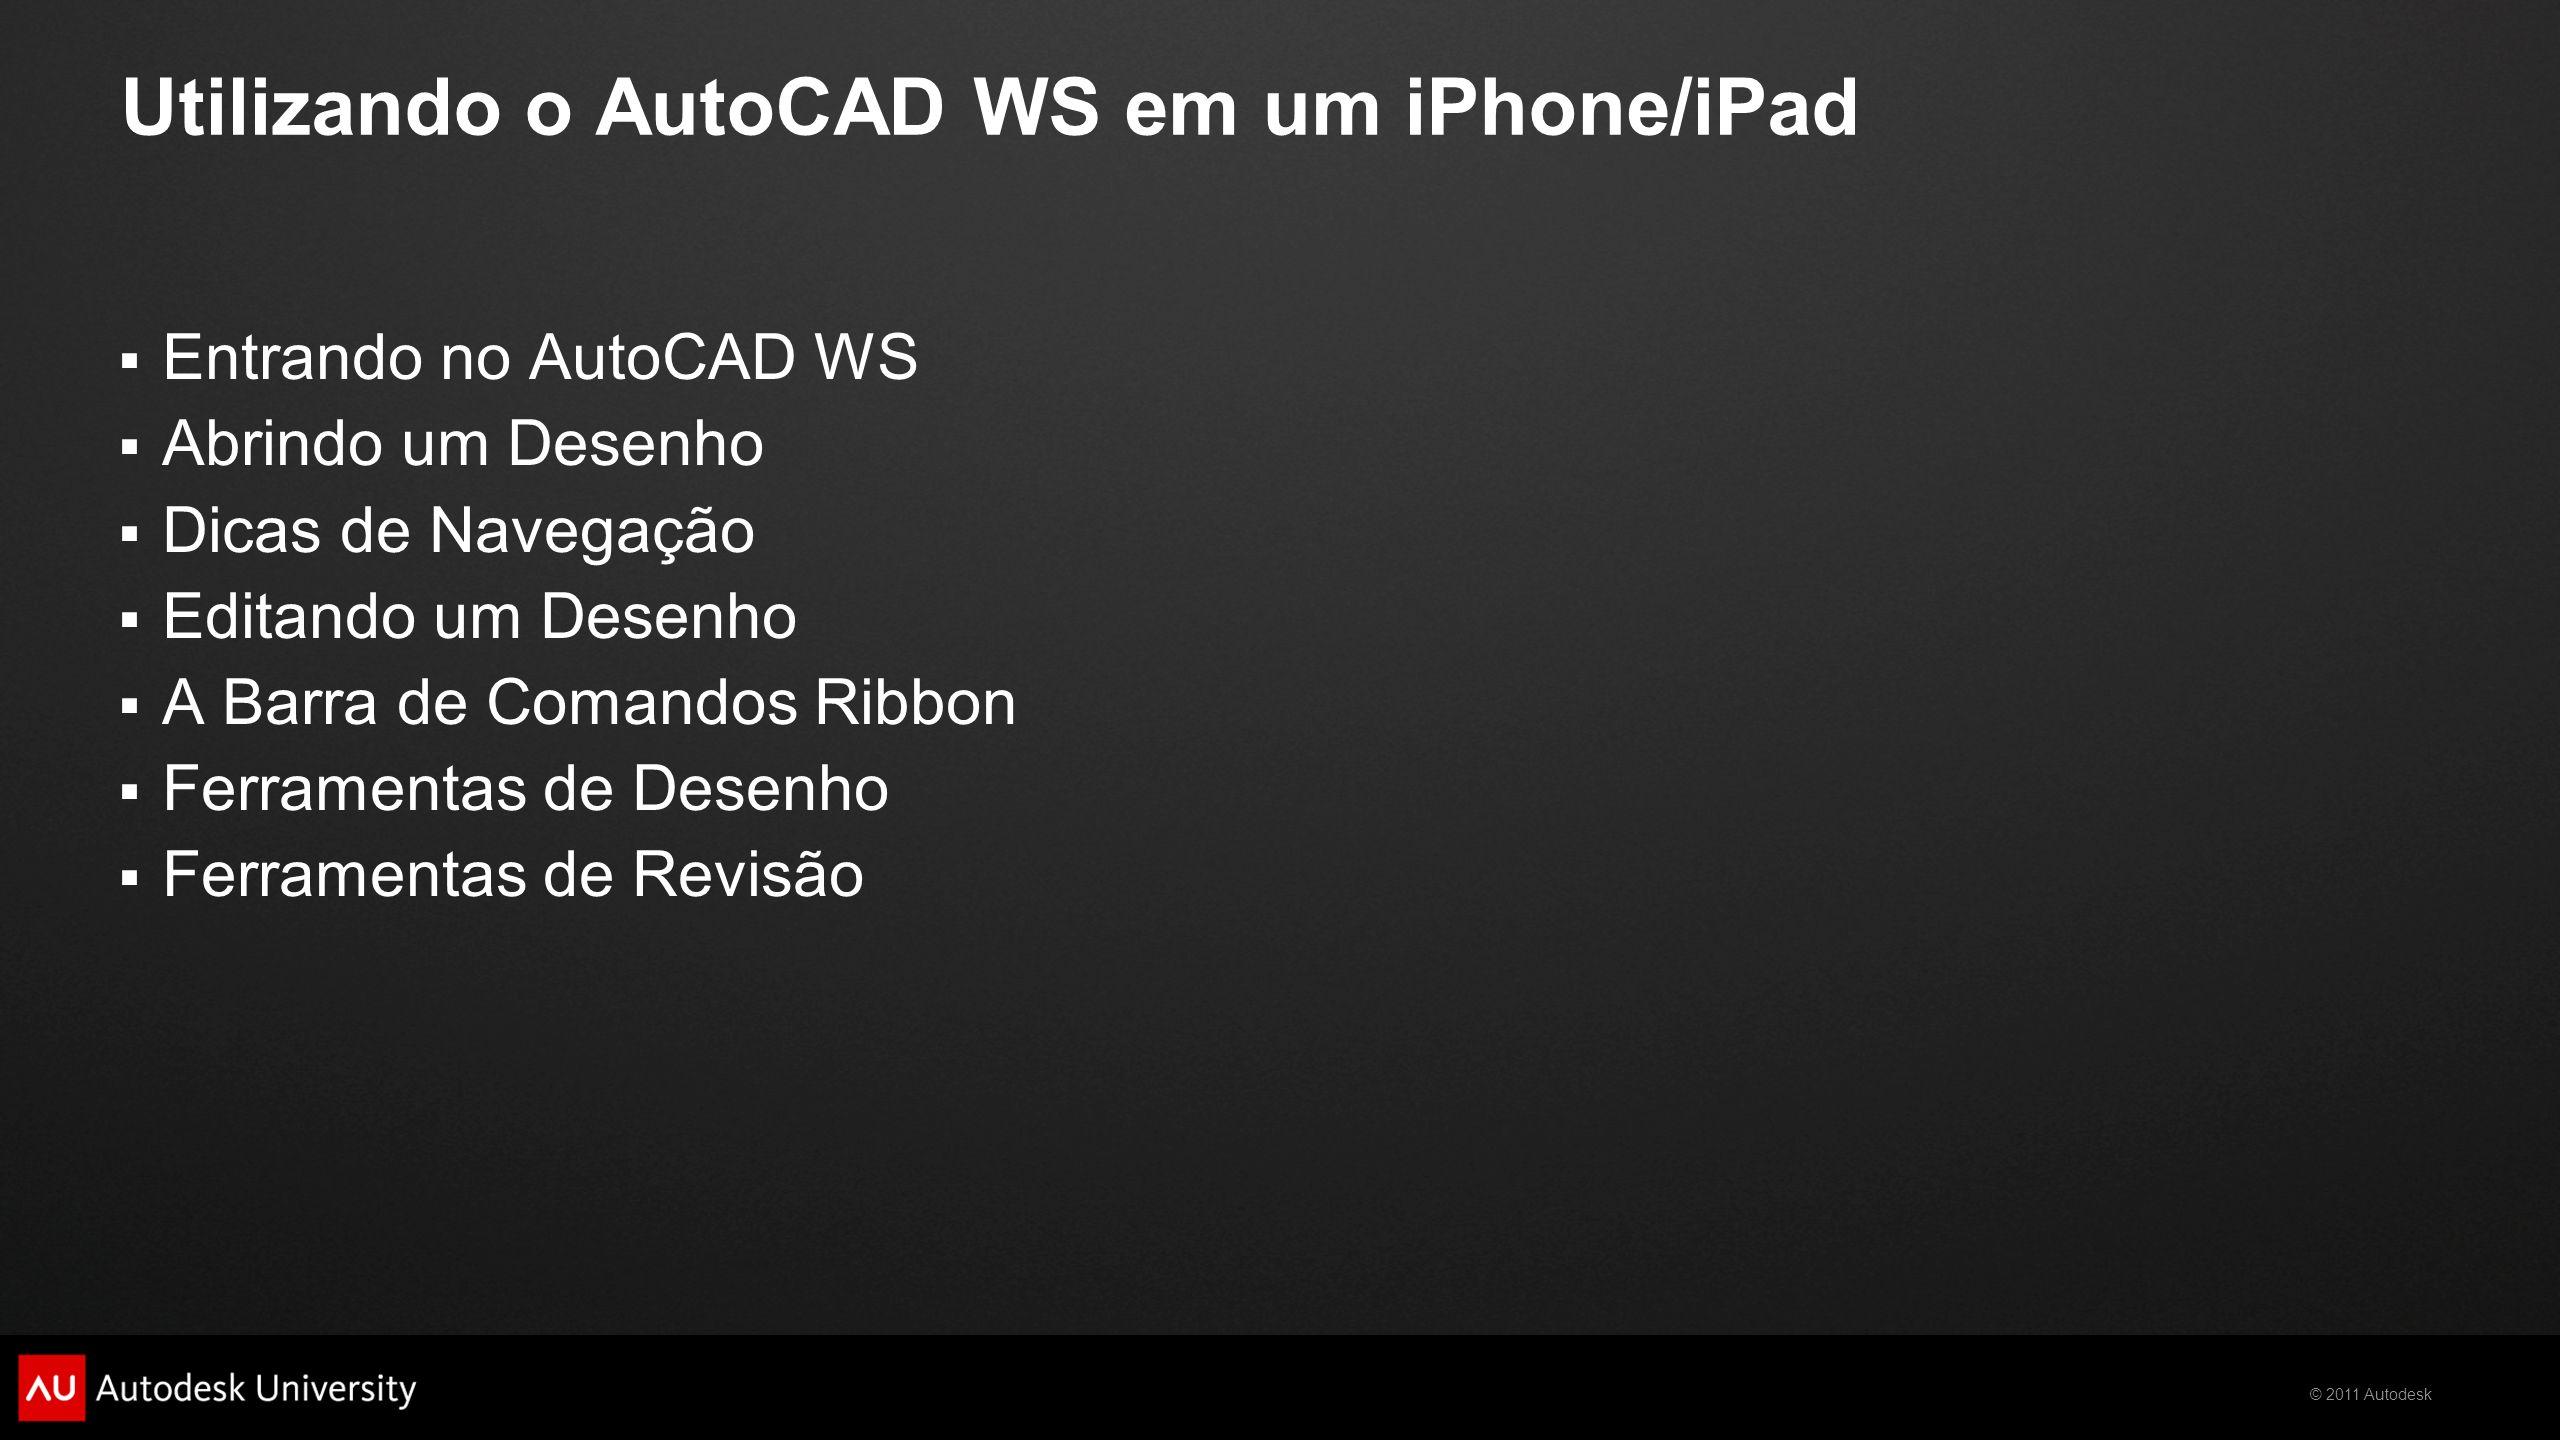 © 2011 Autodesk Utilizando o AutoCAD WS em um iPhone/iPad Entrando no AutoCAD WS Abrindo um Desenho Dicas de Navegação Editando um Desenho A Barra de